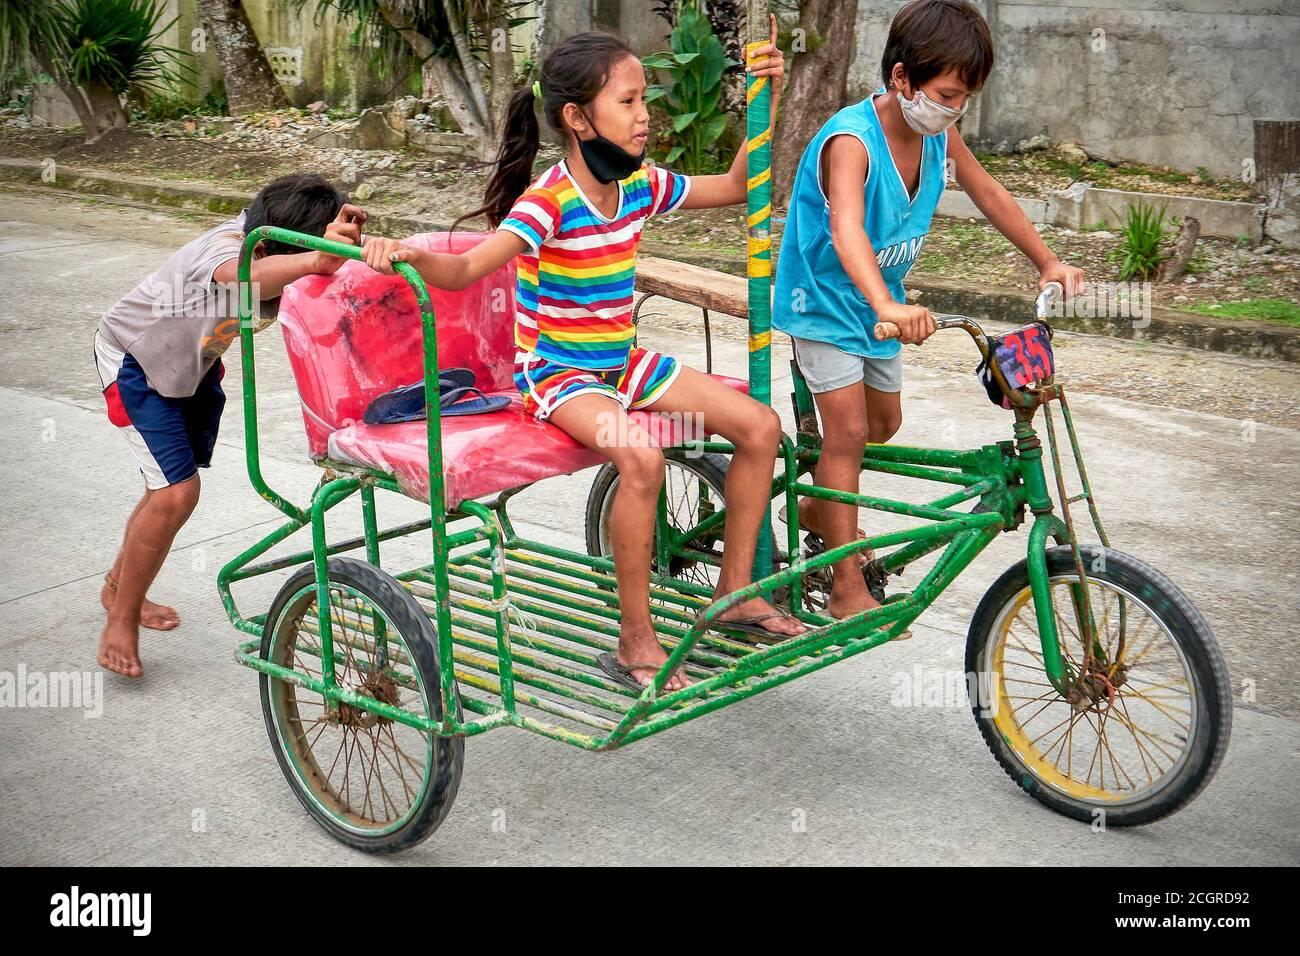 Trois jeunes enfants barefootés portant un masque de visage sur un pédicab peint traditionnel coloré sur une route sur l'île de Boracay, Philippines, Asie Banque D'Images